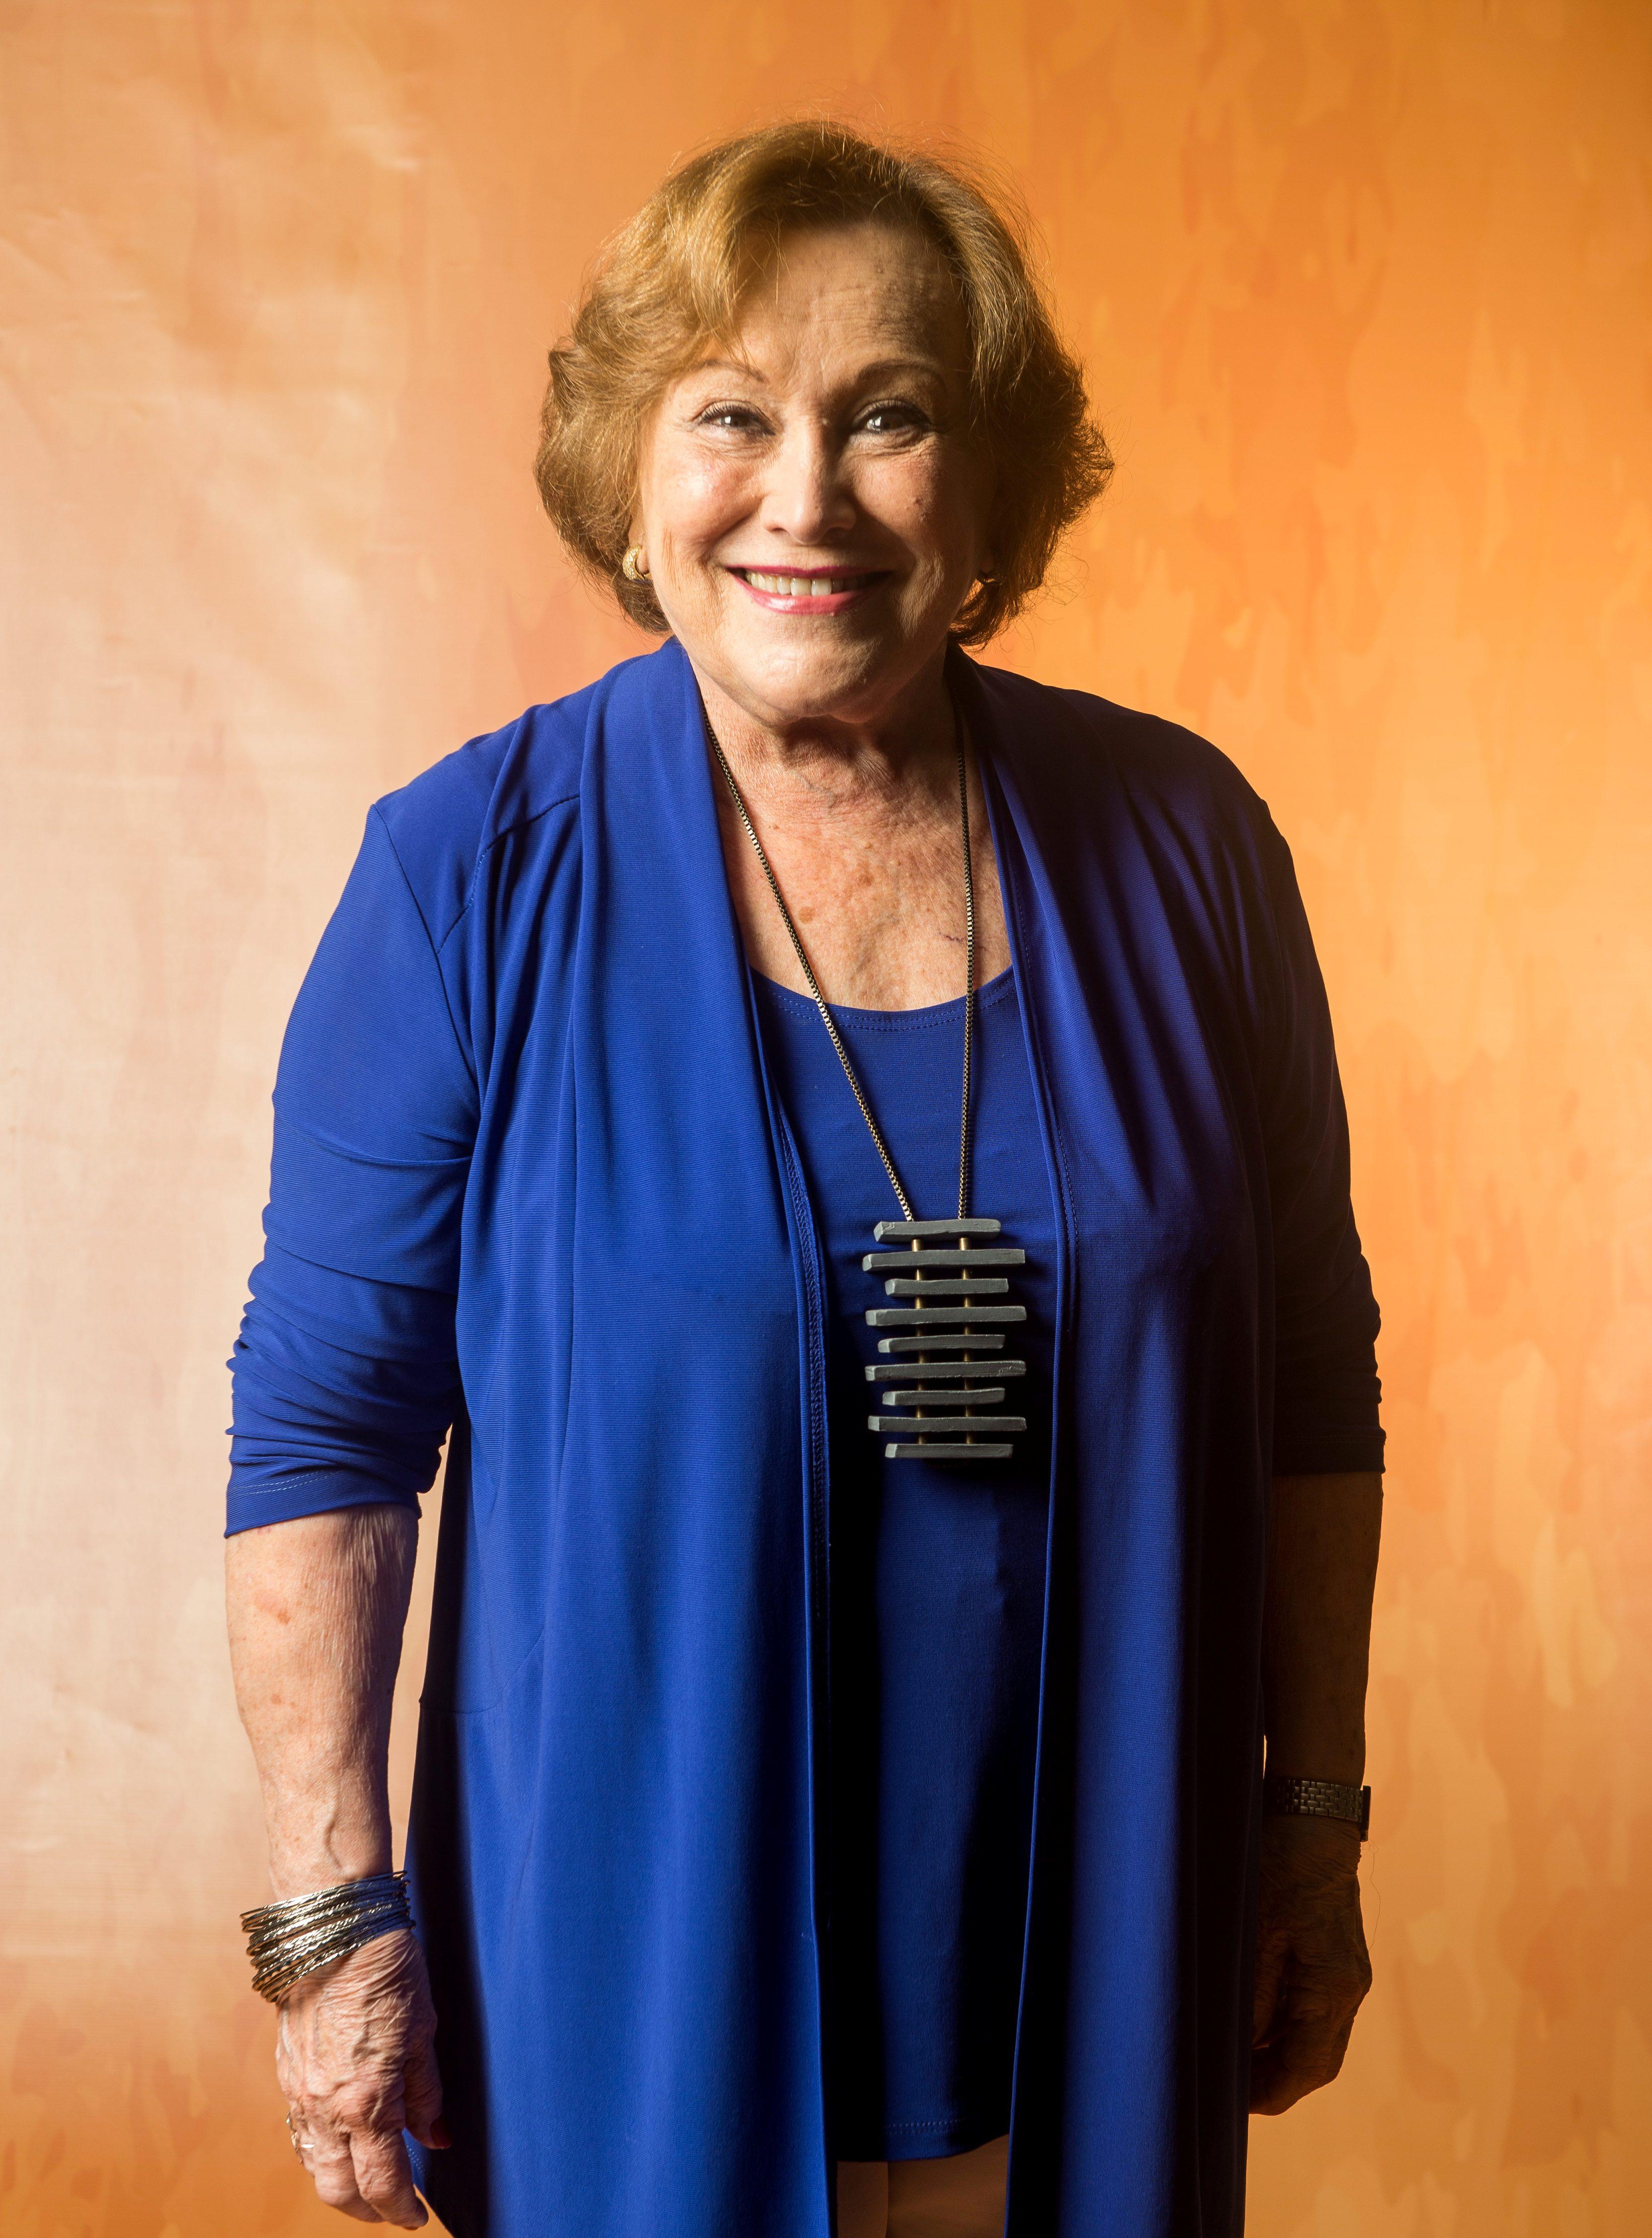 Como tantos milhares de brasileiros, Nicette Bruno foi uma das vítimas fatais da Covid-19 e deixa um legado de mais de 80 anos dedicado à carreira artística / Raquel Cunha-RG